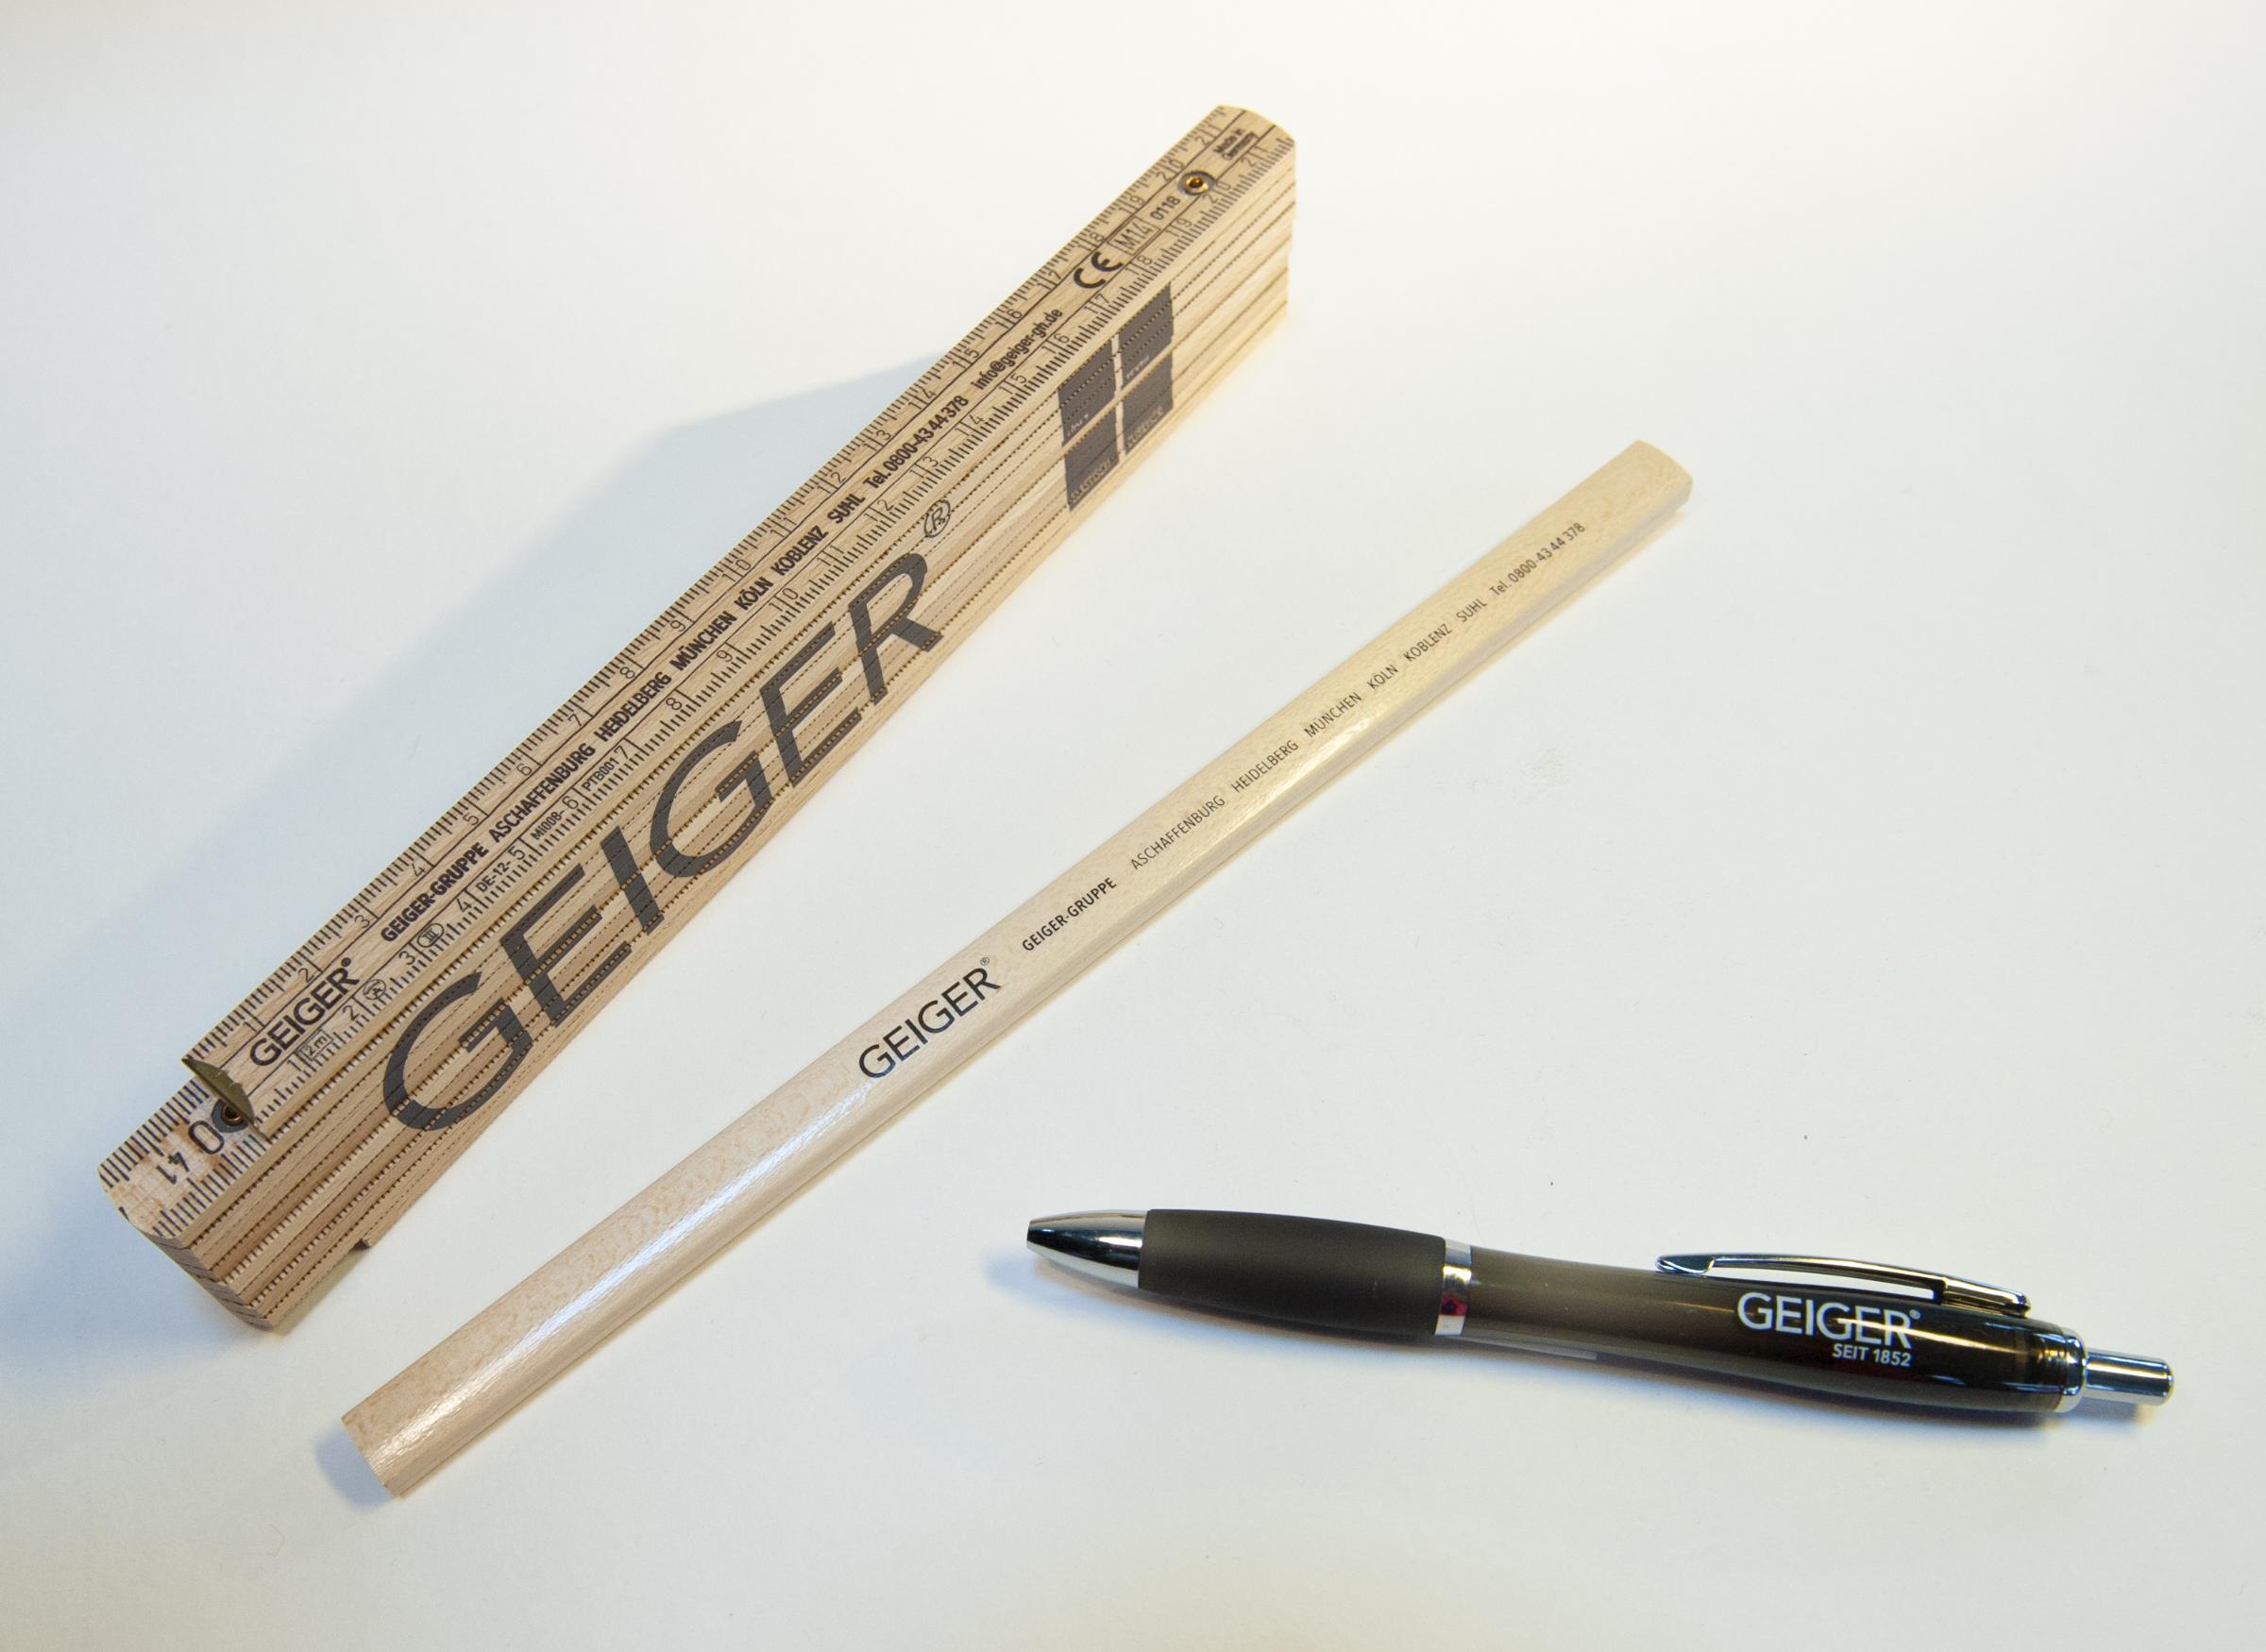 Zollstock, Bleistift und Kugelschreiber